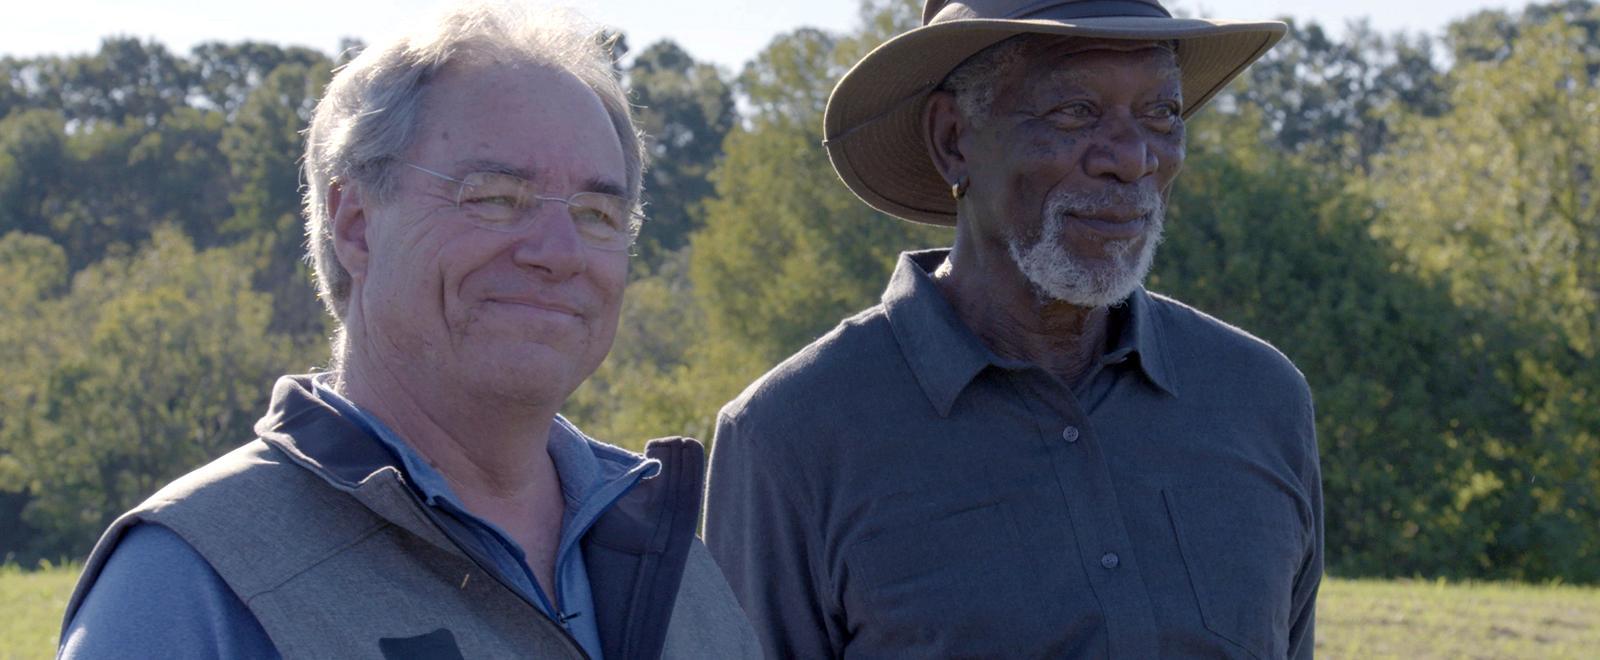 La nostra storia con Morgan Freeman